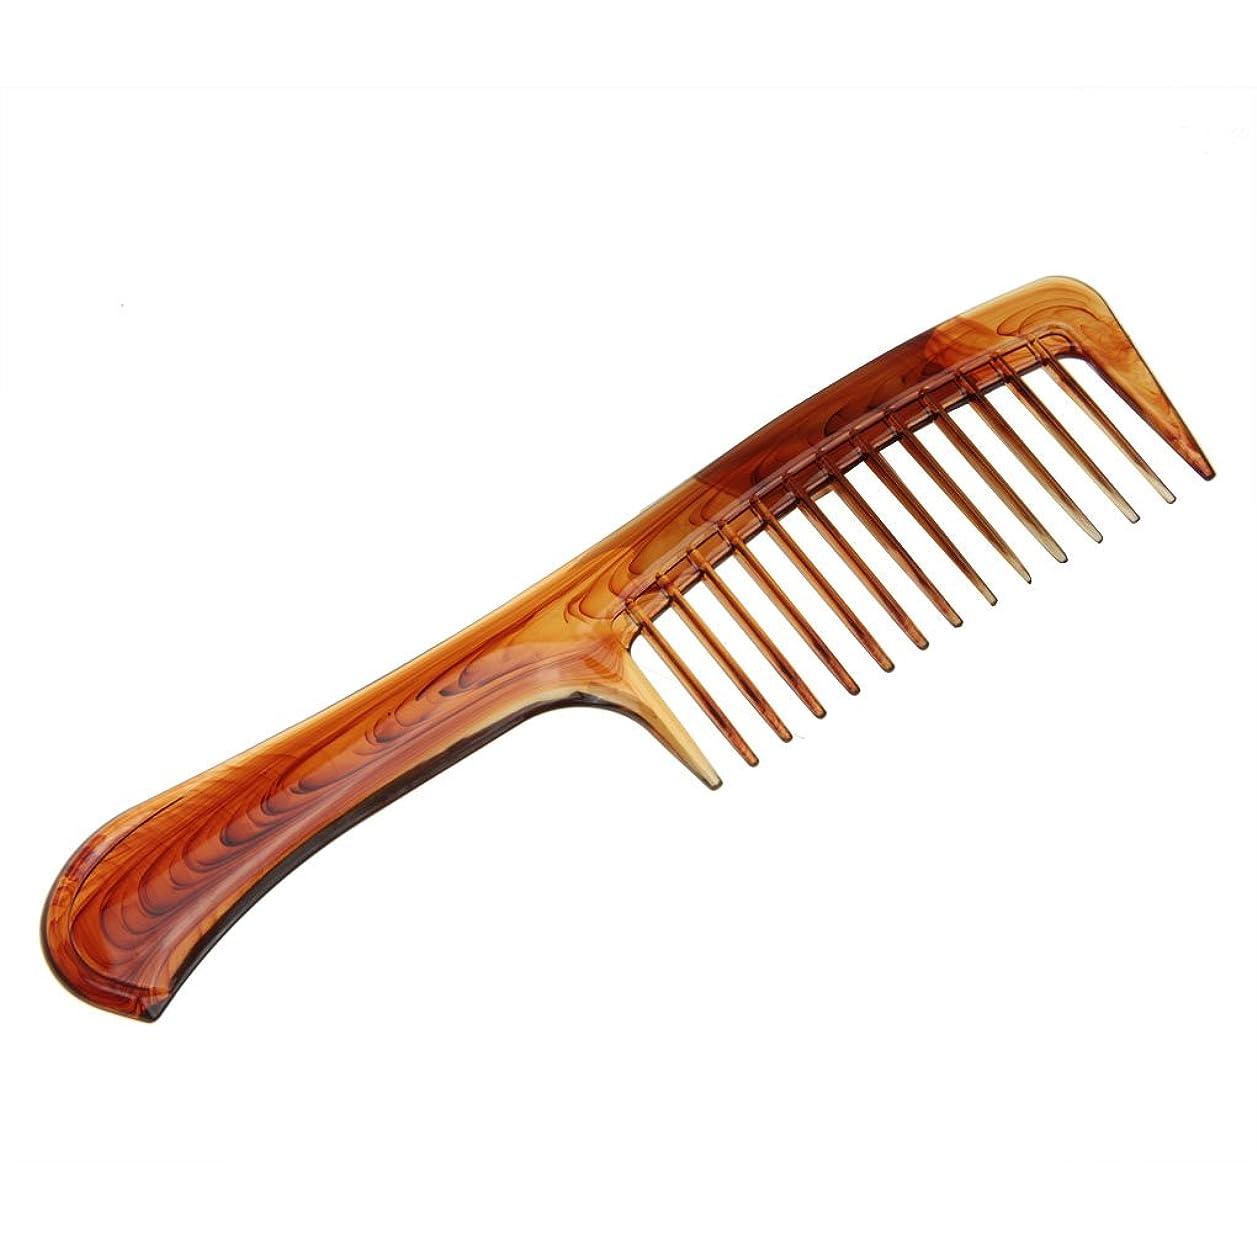 頼る生物学効率的にヘアくし 櫛 コーム 天然琥珀 静電気 防止 通りやすい 荒目 くし 頭皮マッサージ 美髪コーム 軽量 プラスチック 携帯に便利 男女兼用 くし 人気 贈り物 プレゼント B型